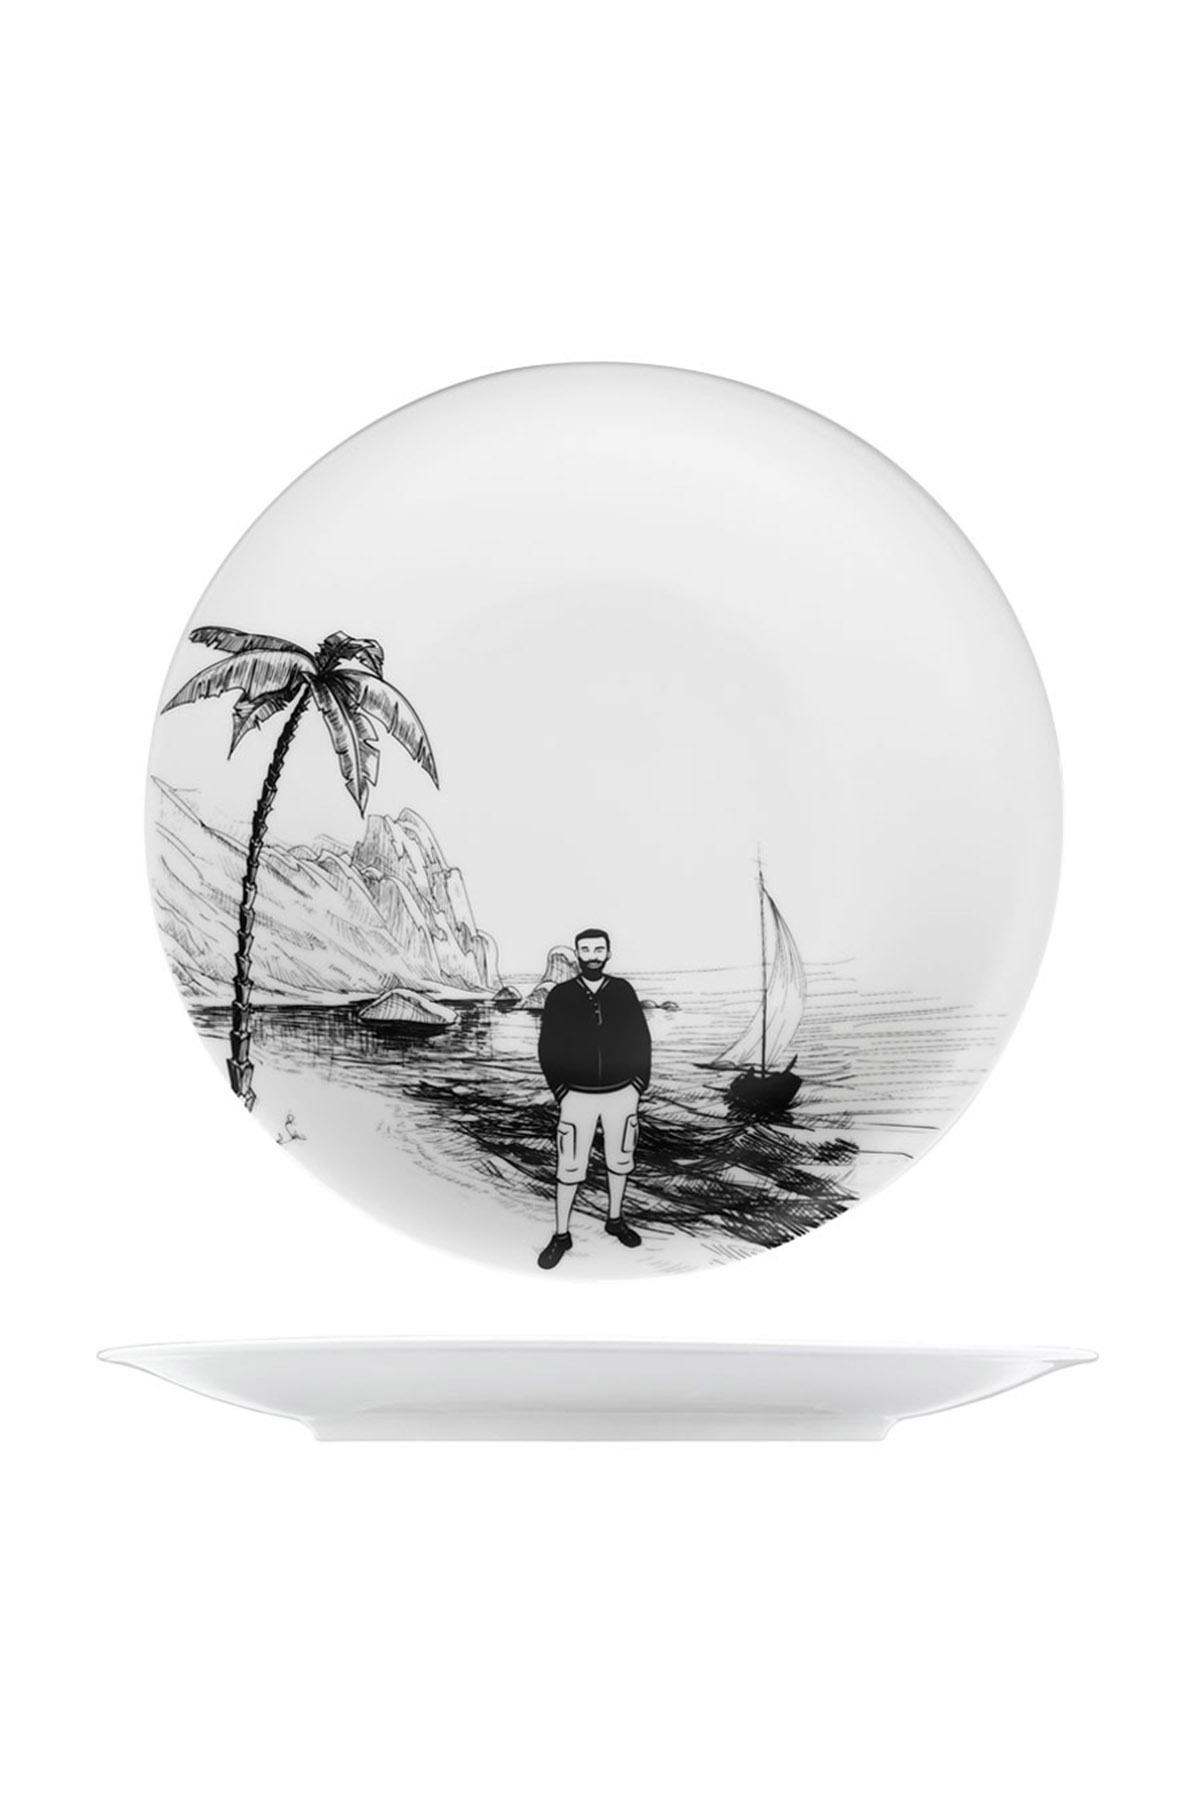 KÜTAHYA PORSELEN - Kütahya Porselen Centilmen Serisi Servis Tabağı Yelken